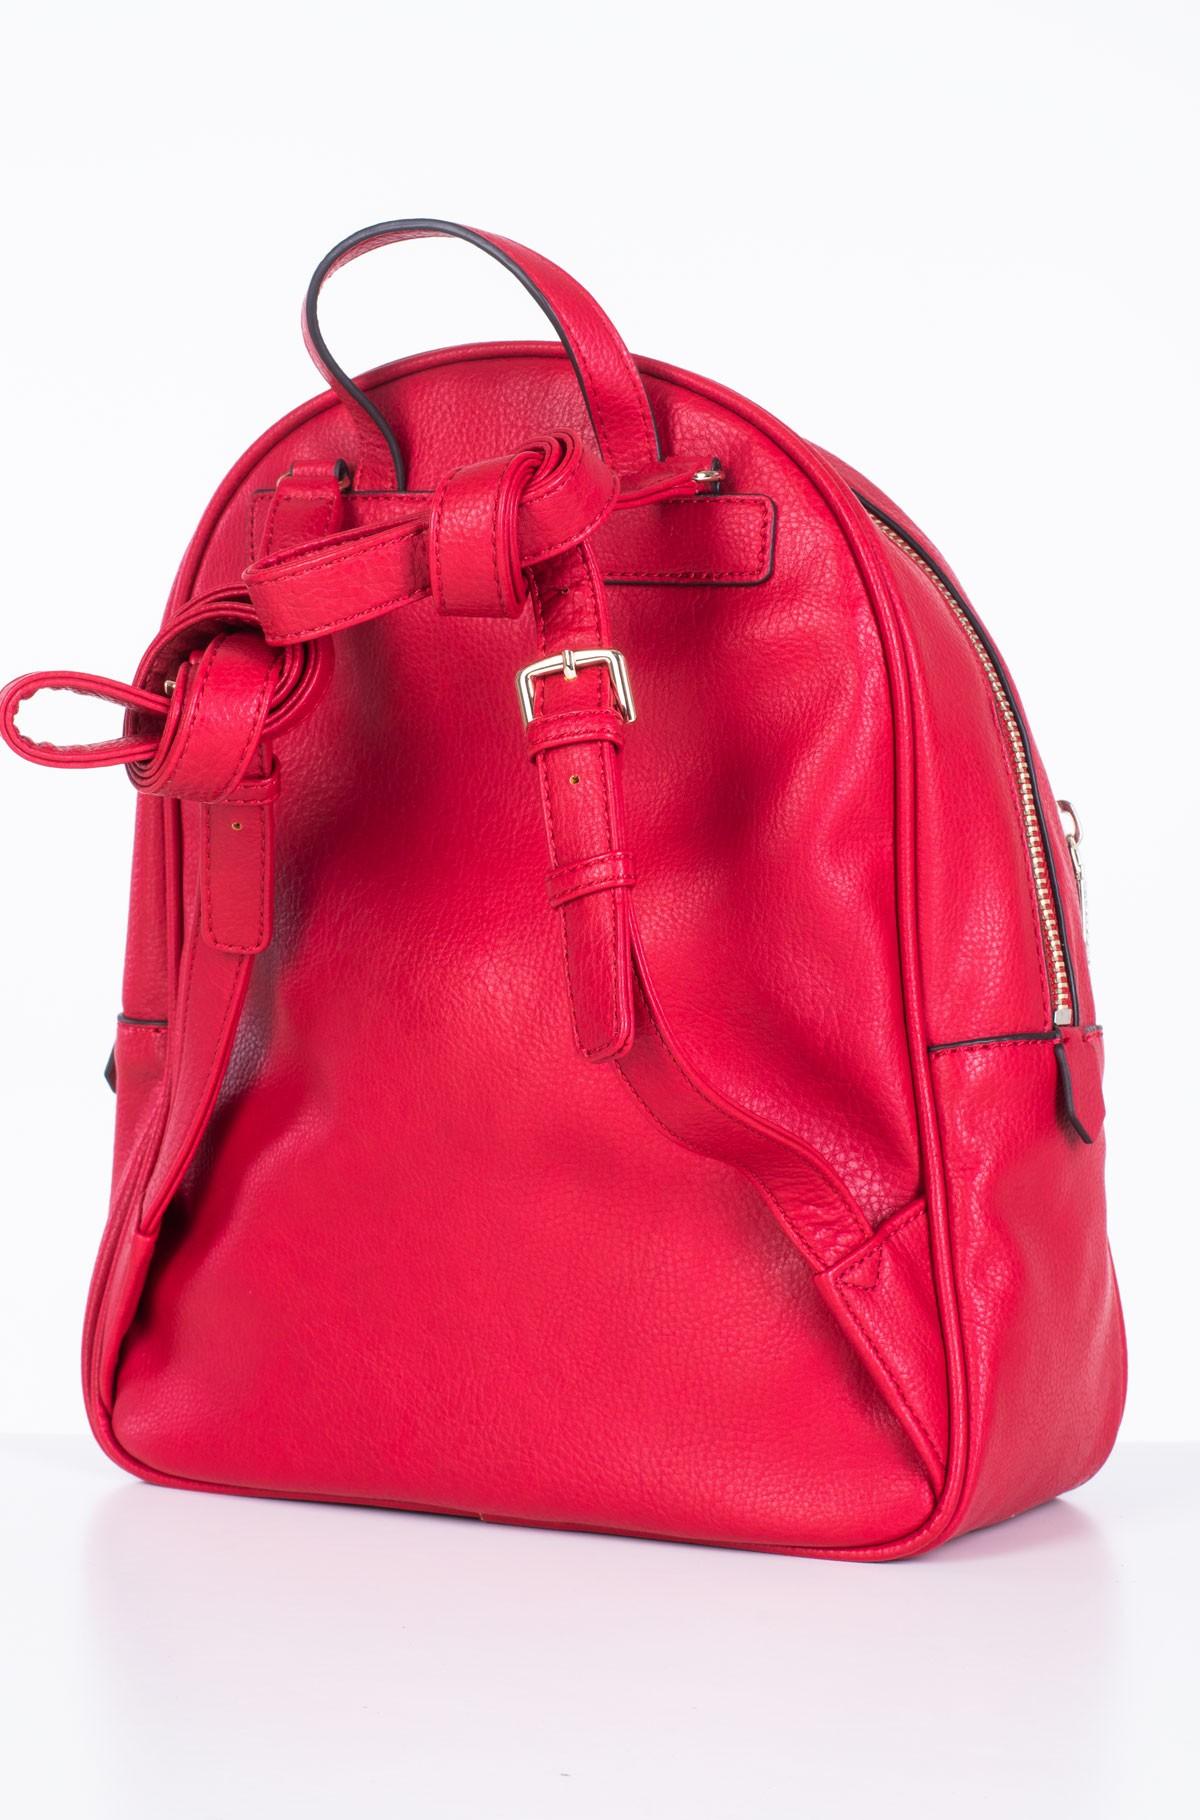 Backbag HWVS69 94320-full-2